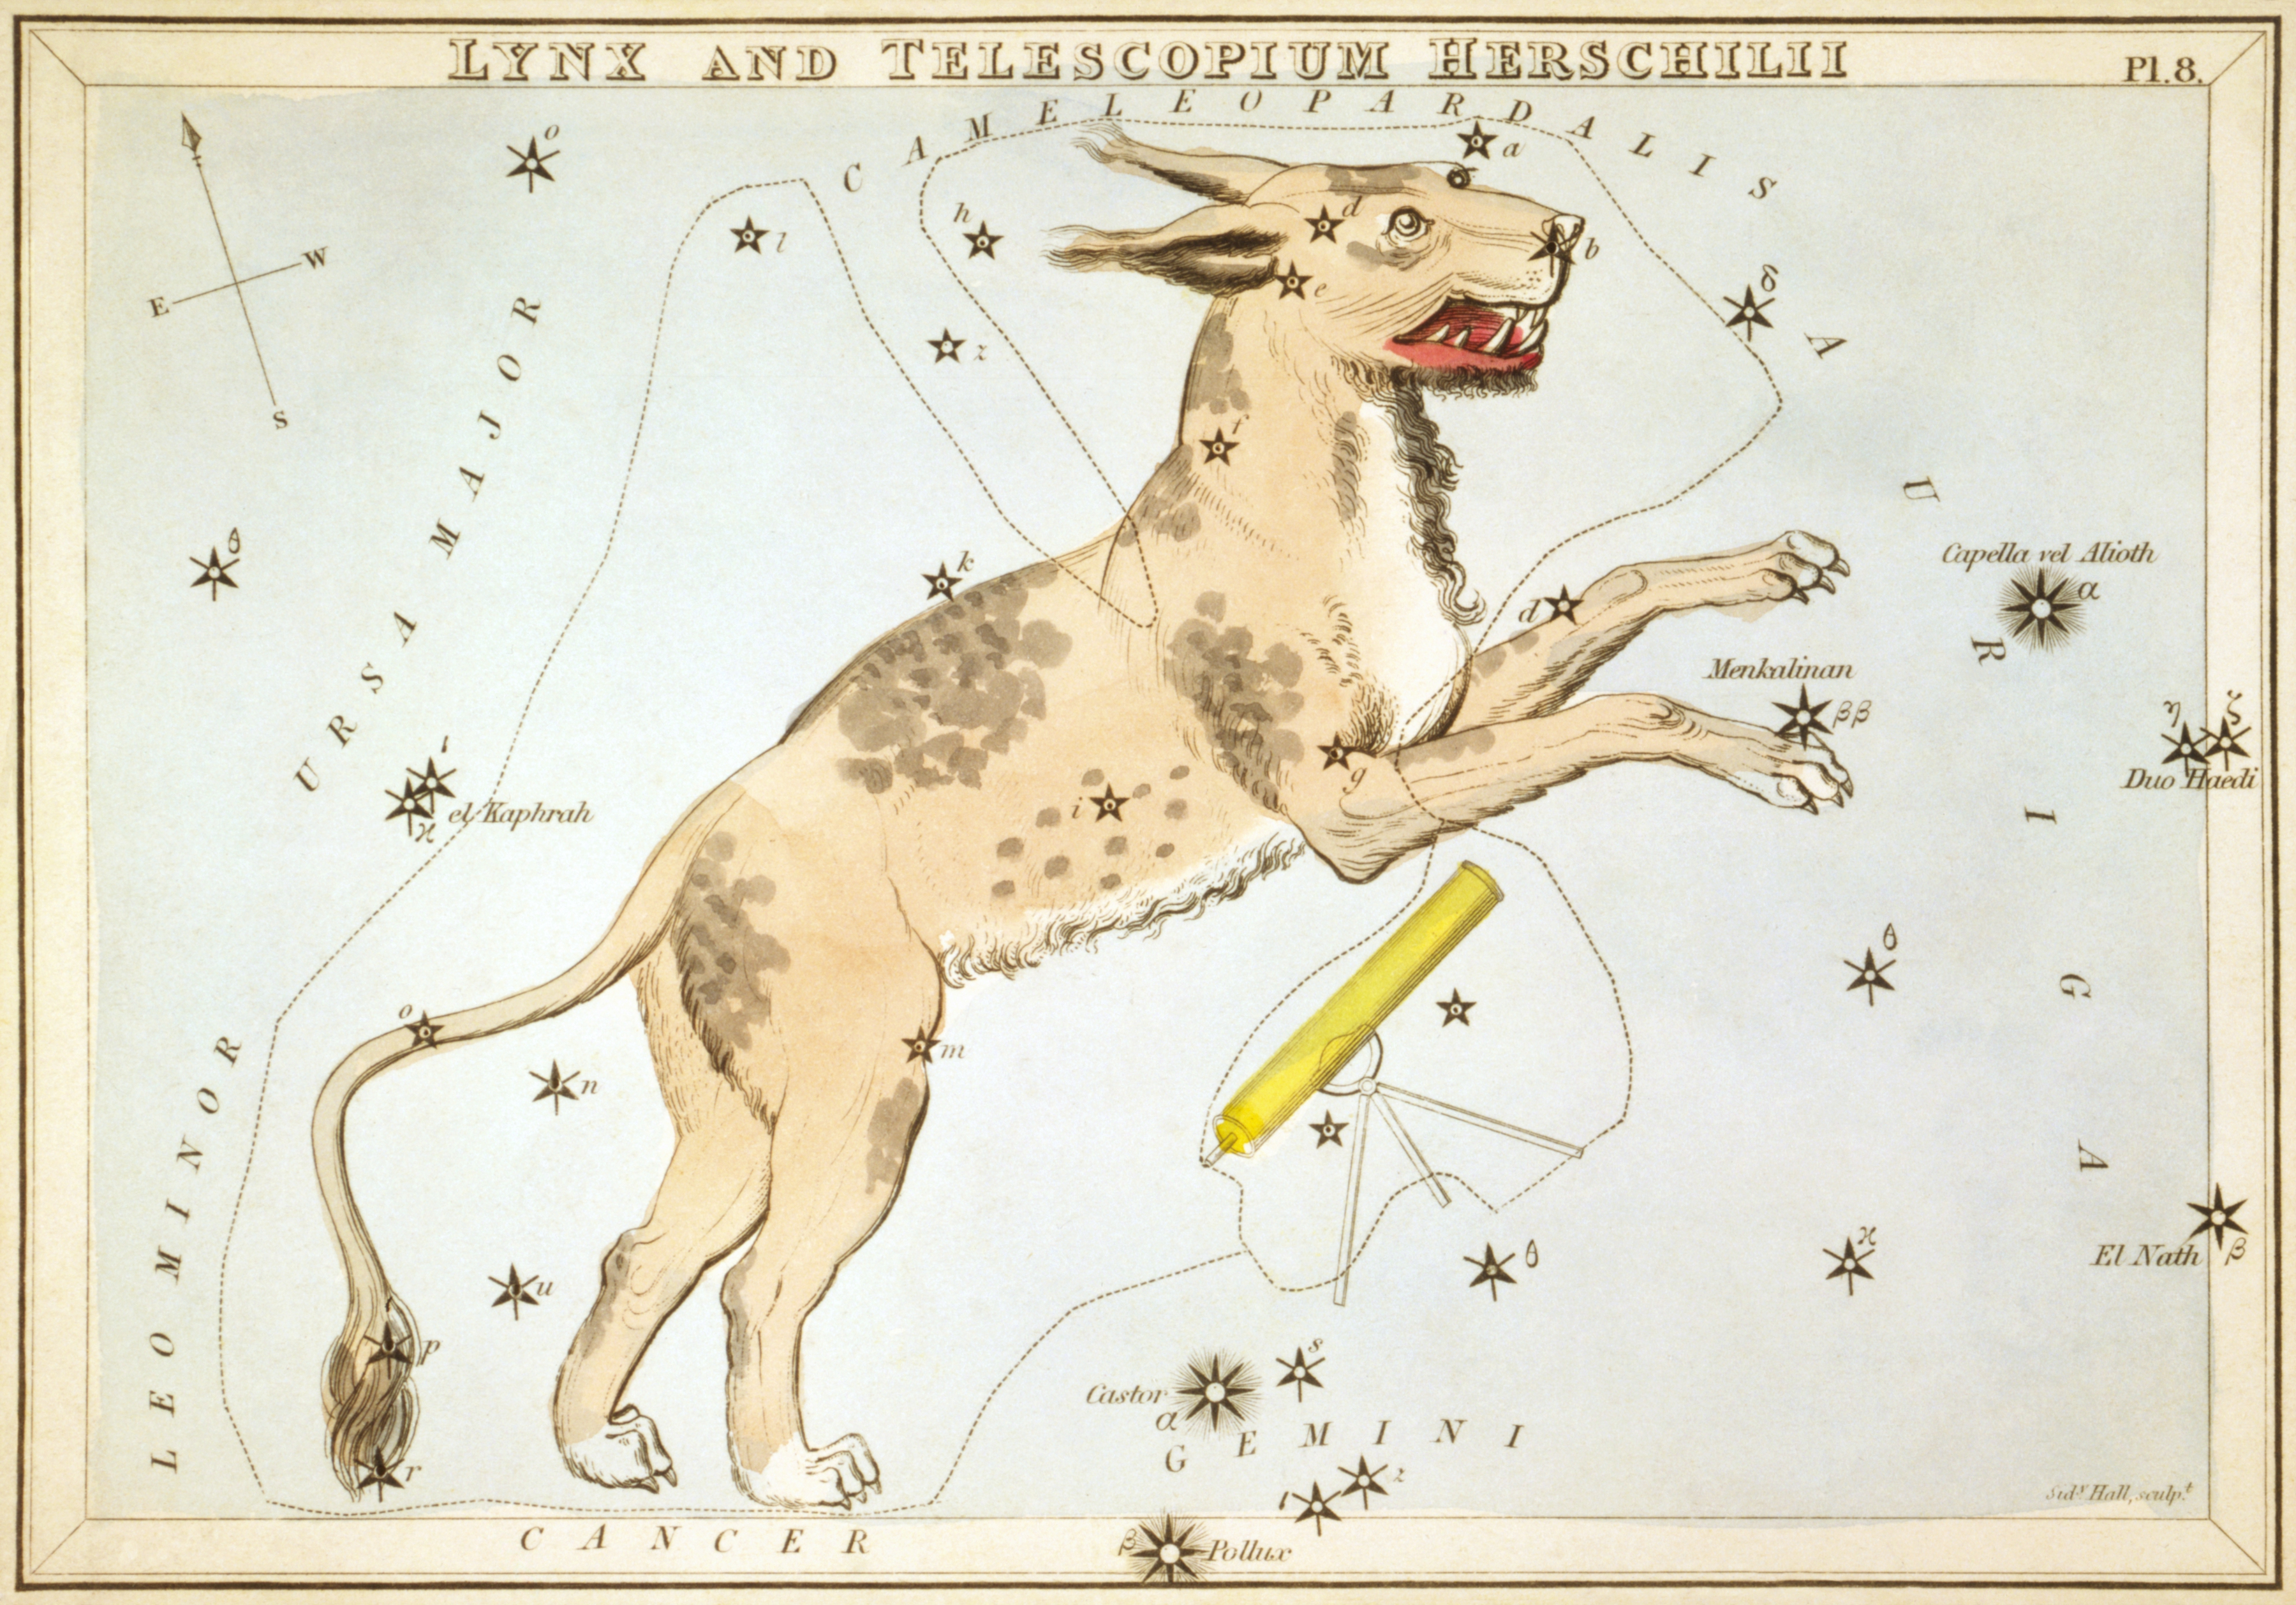 Карточка №8: Рысь и Телескоп Гершеля